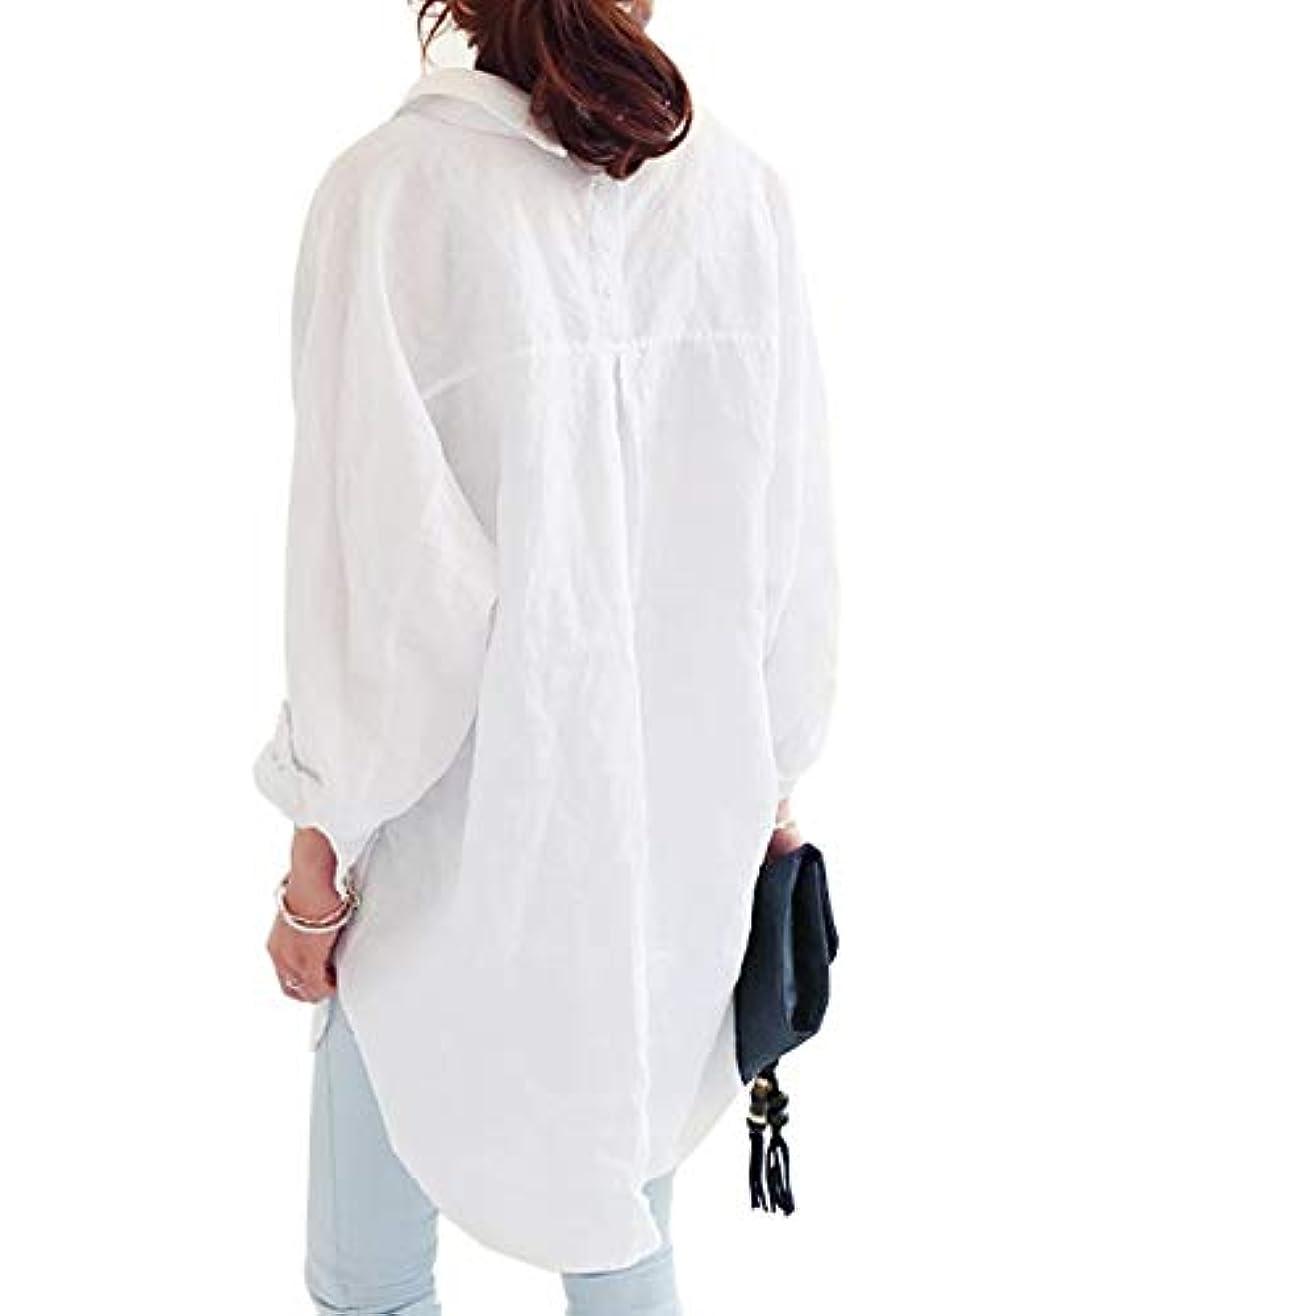 肺炎受粉者させる[ココチエ] シャツワンピース レディース ブラウス 長袖 ロング 水色 白 大きいサイズ おおきいサイズ おしゃれ ゆったり 体型カバー 前開き